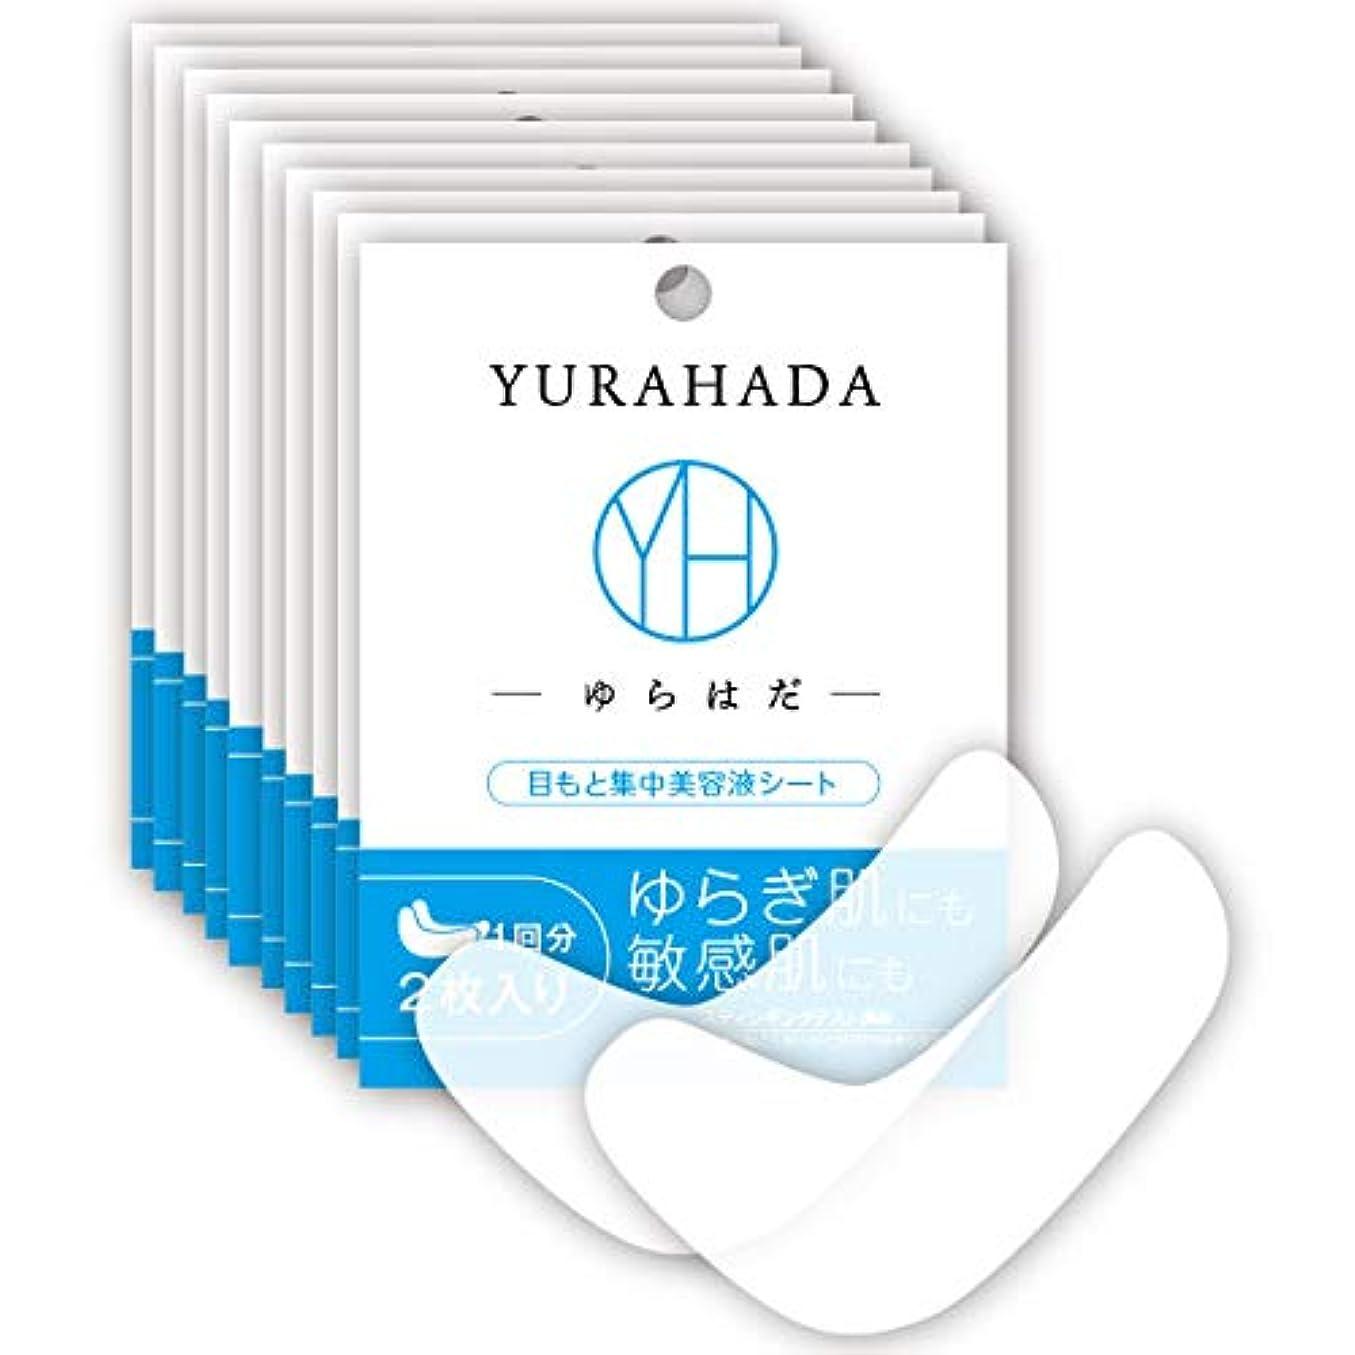 ゾーン科学者カストディアンYURAHADA目もと集中美容液シート(2枚入)10回セット